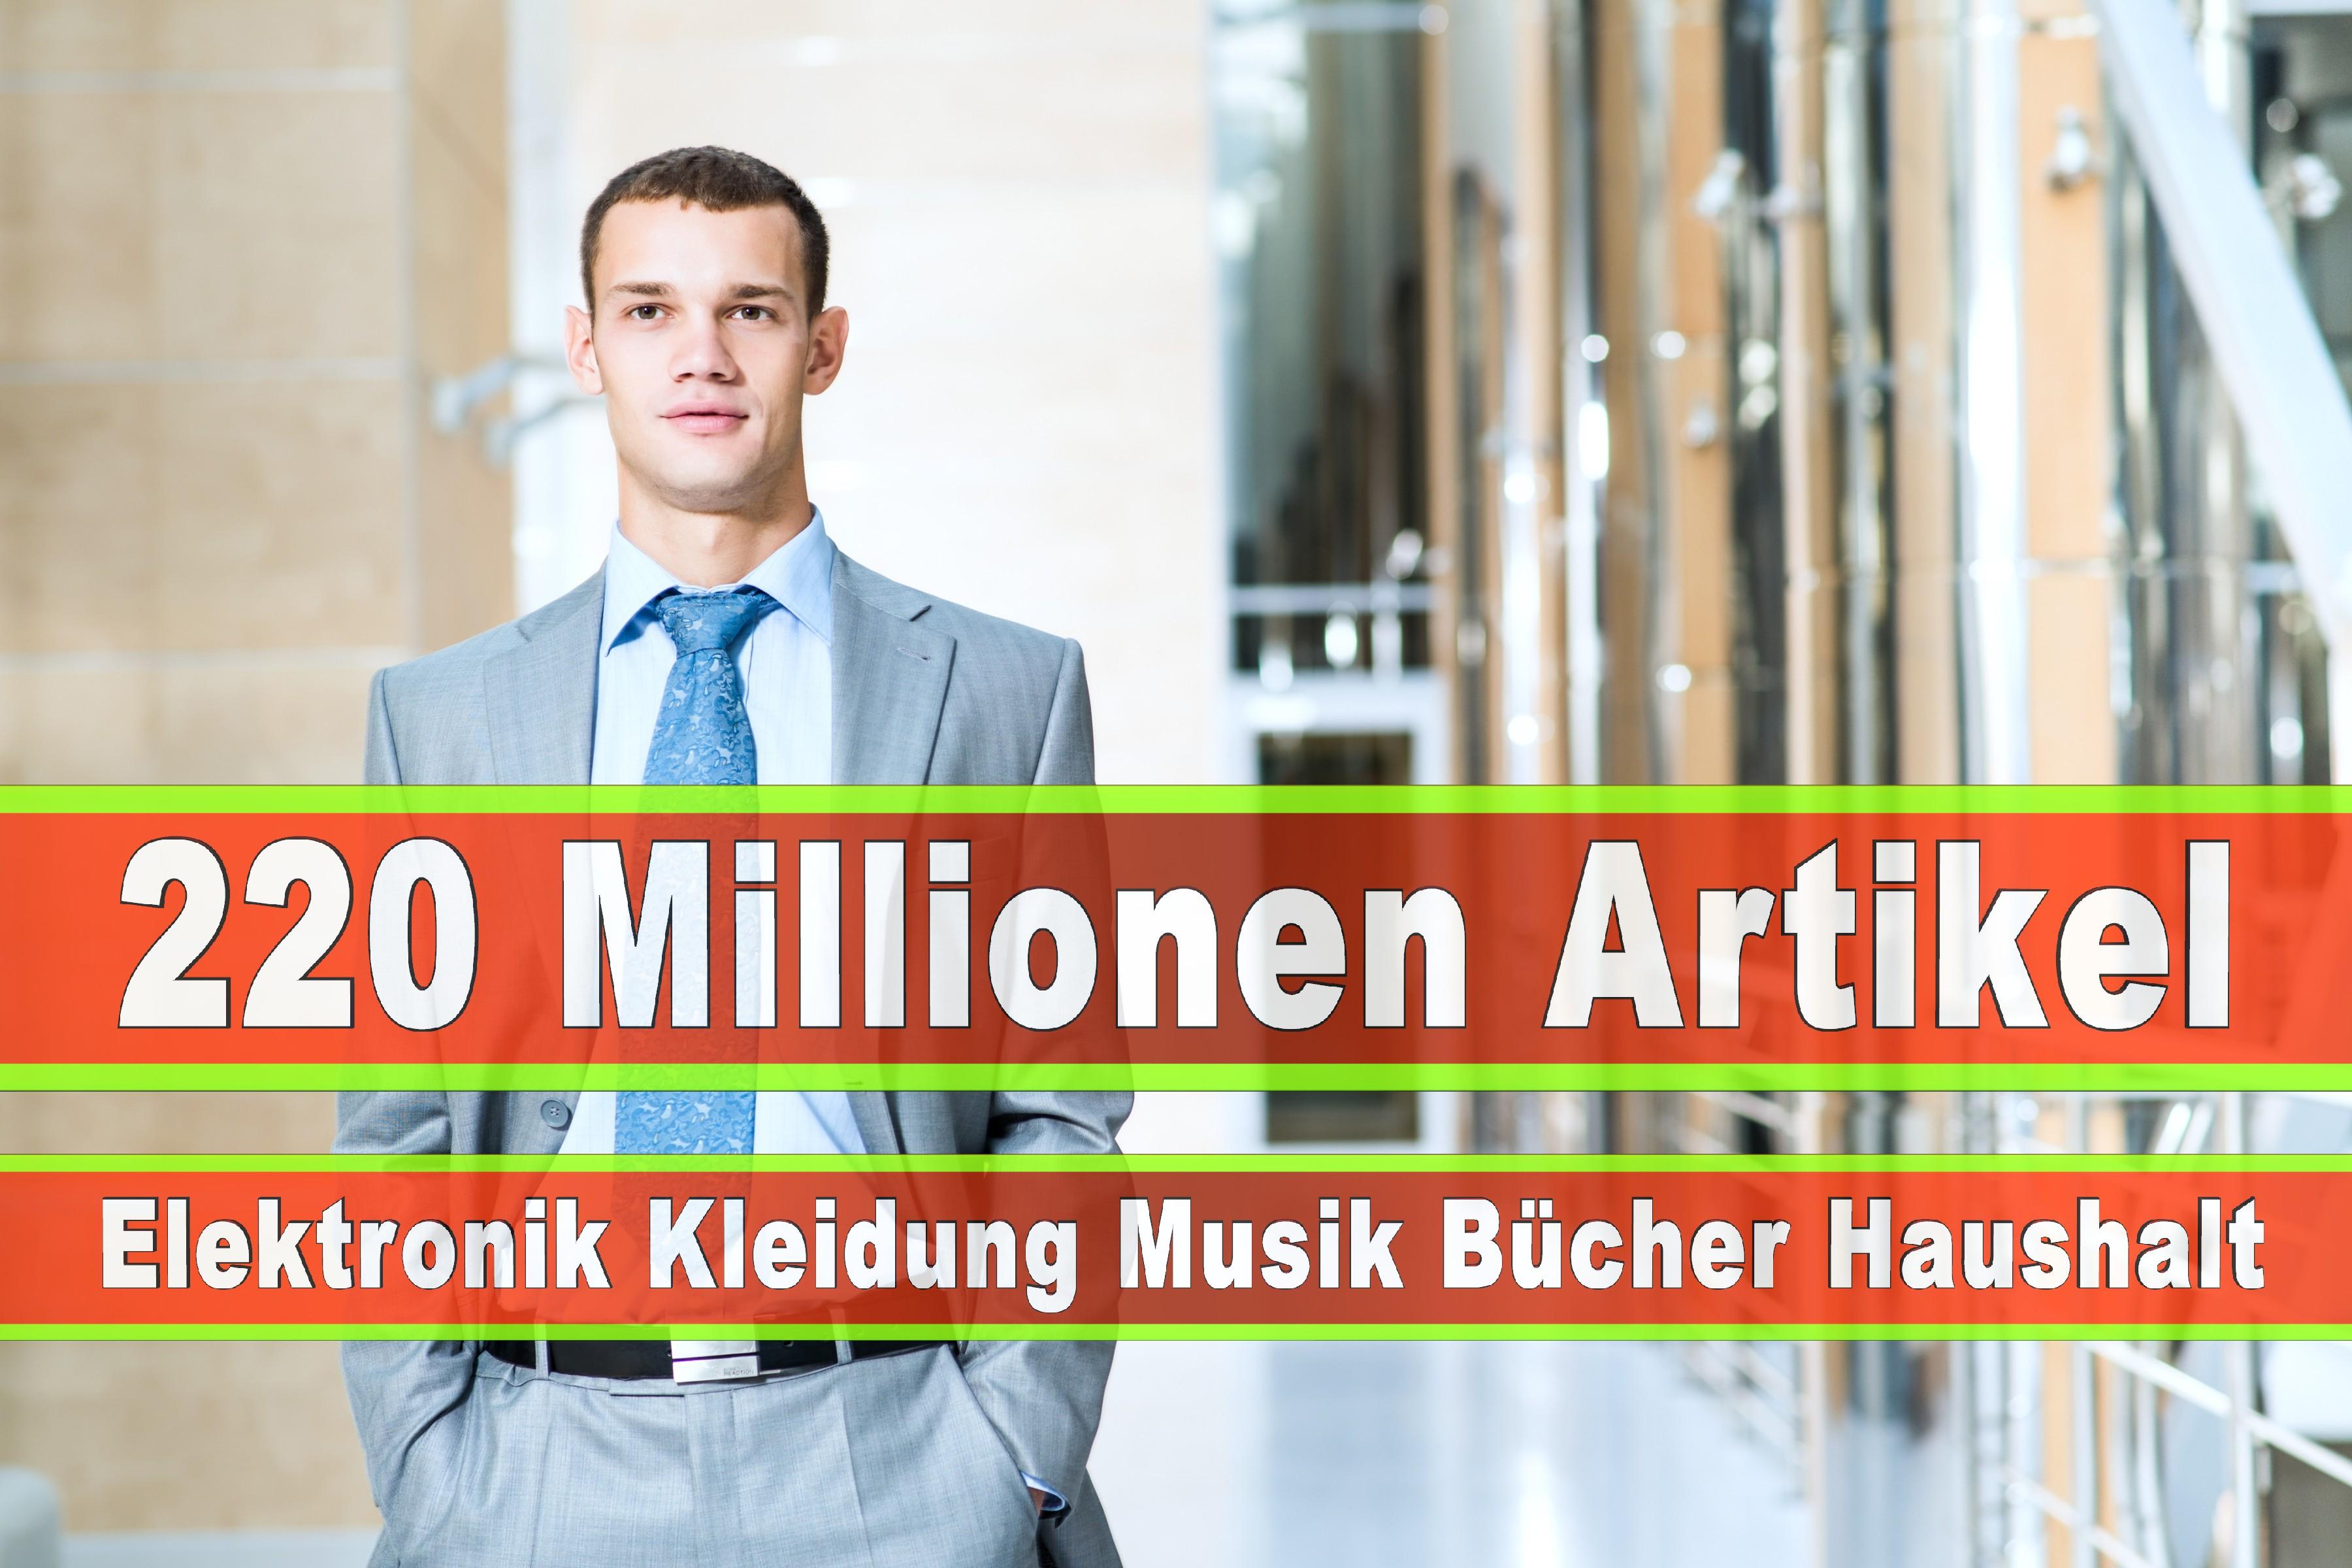 Amazon Elektronik Musik Haushalt Bücher CD DVD Handys Smartphones TV Television Fernseher Kleidung Mode Ebay Versandhaus (109)